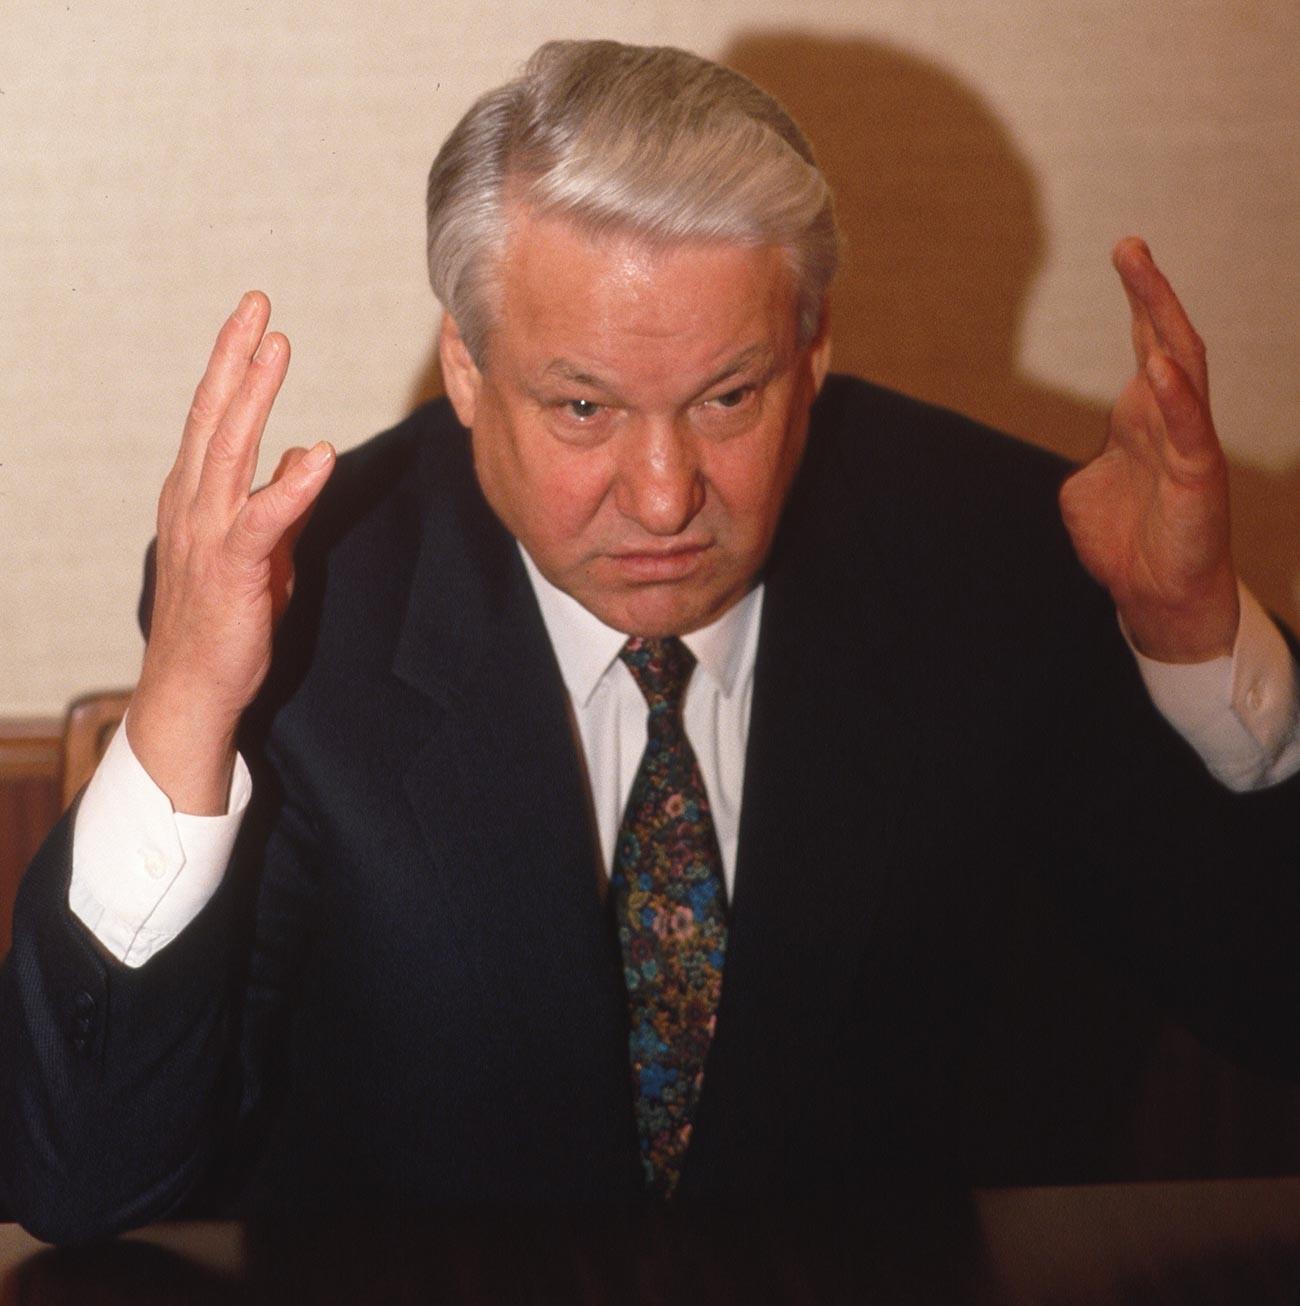 Борис Јељцин за време интервјуа.